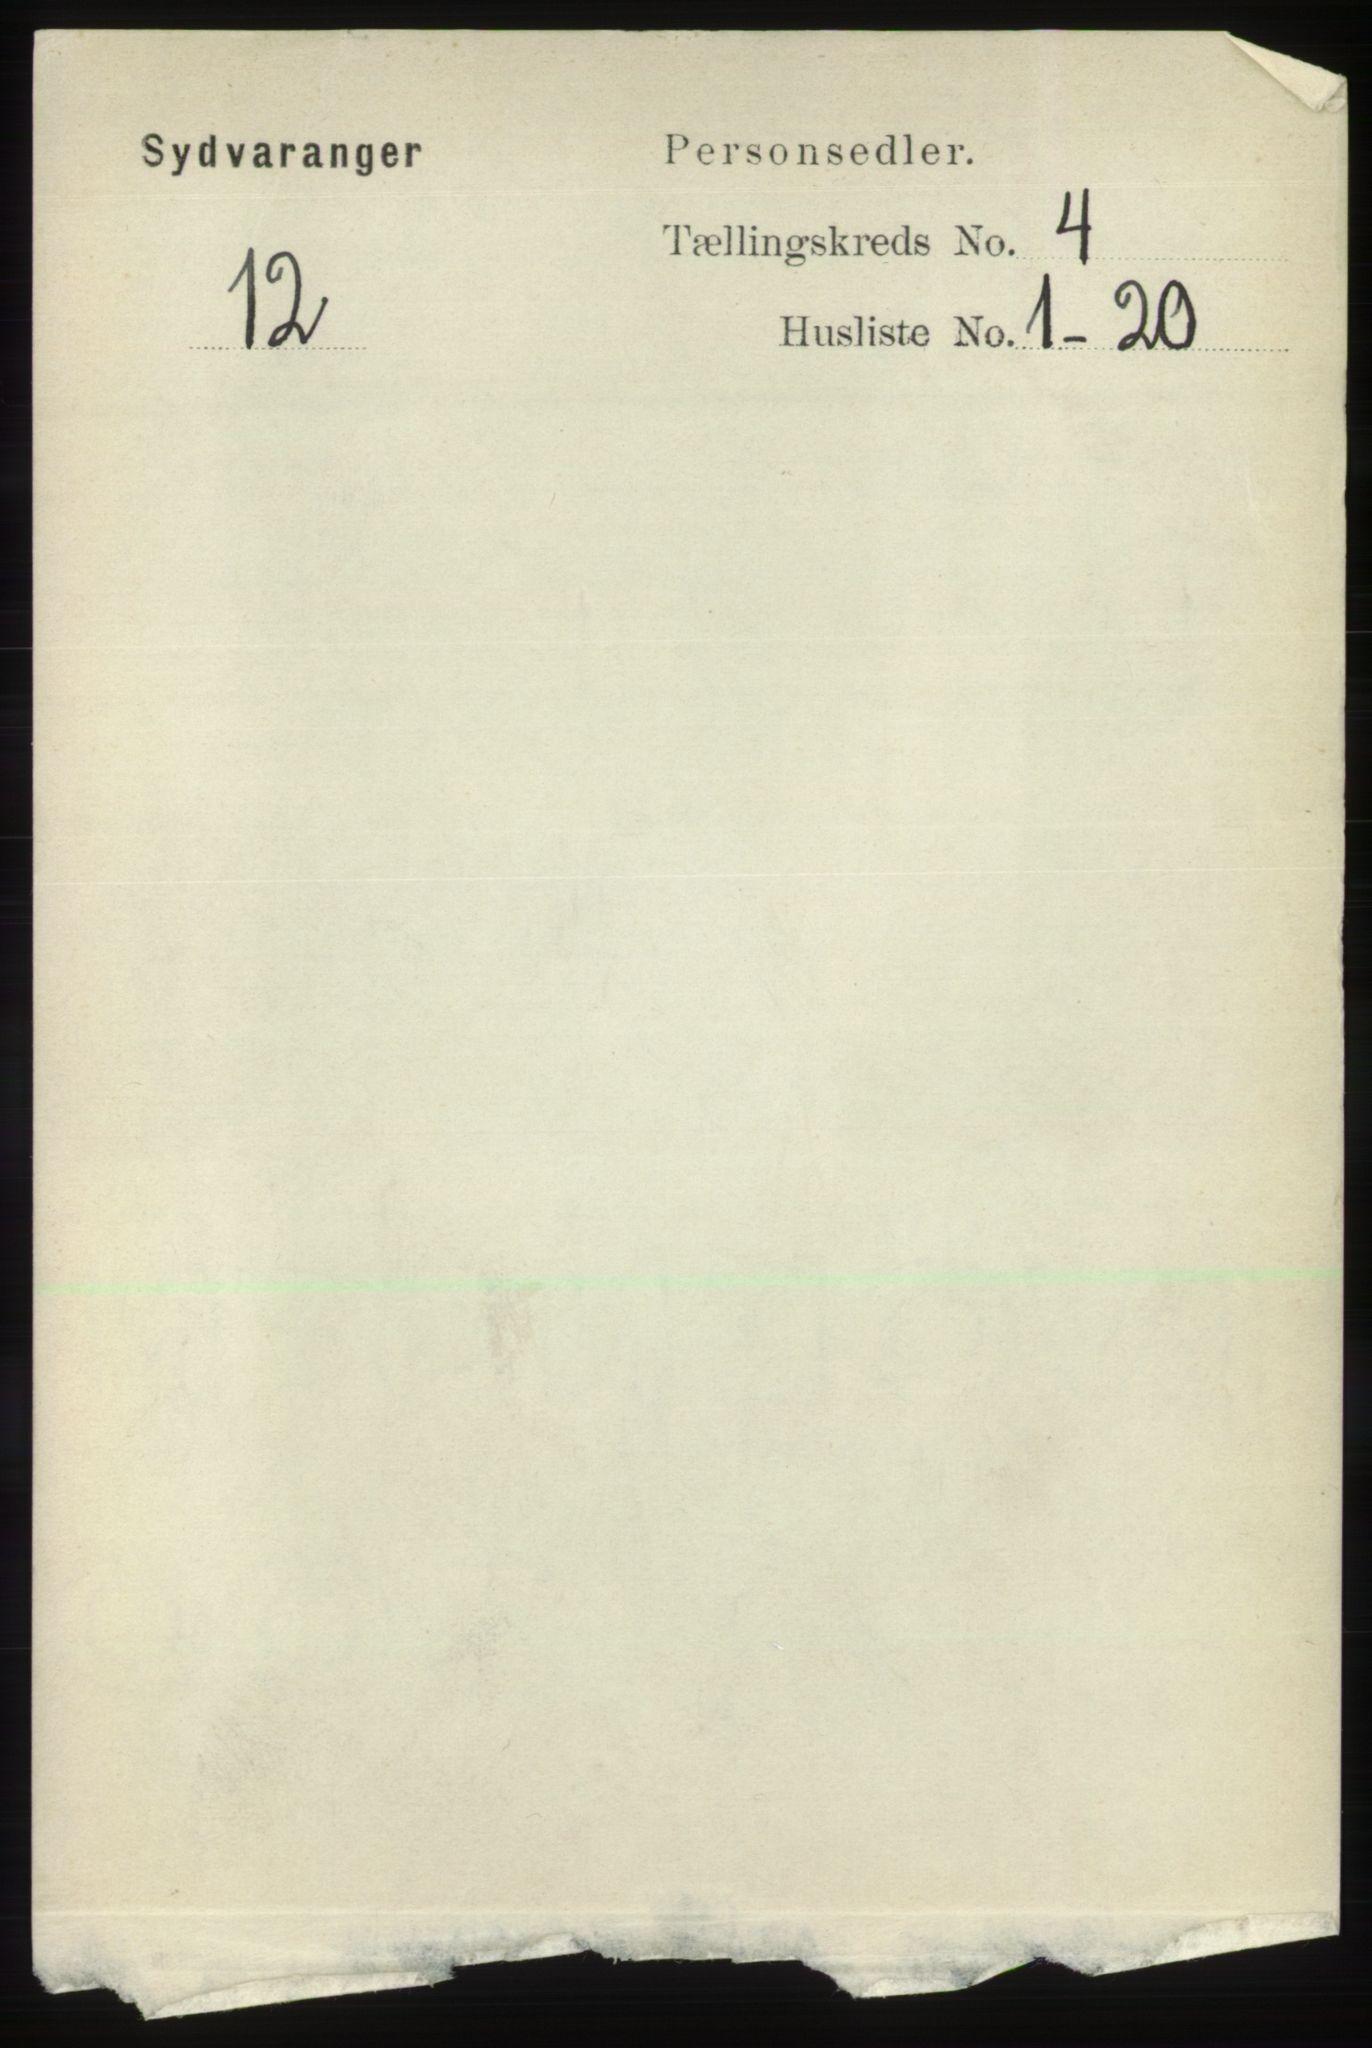 RA, Folketelling 1891 for 2030 Sør-Varanger herred, 1891, s. 1077